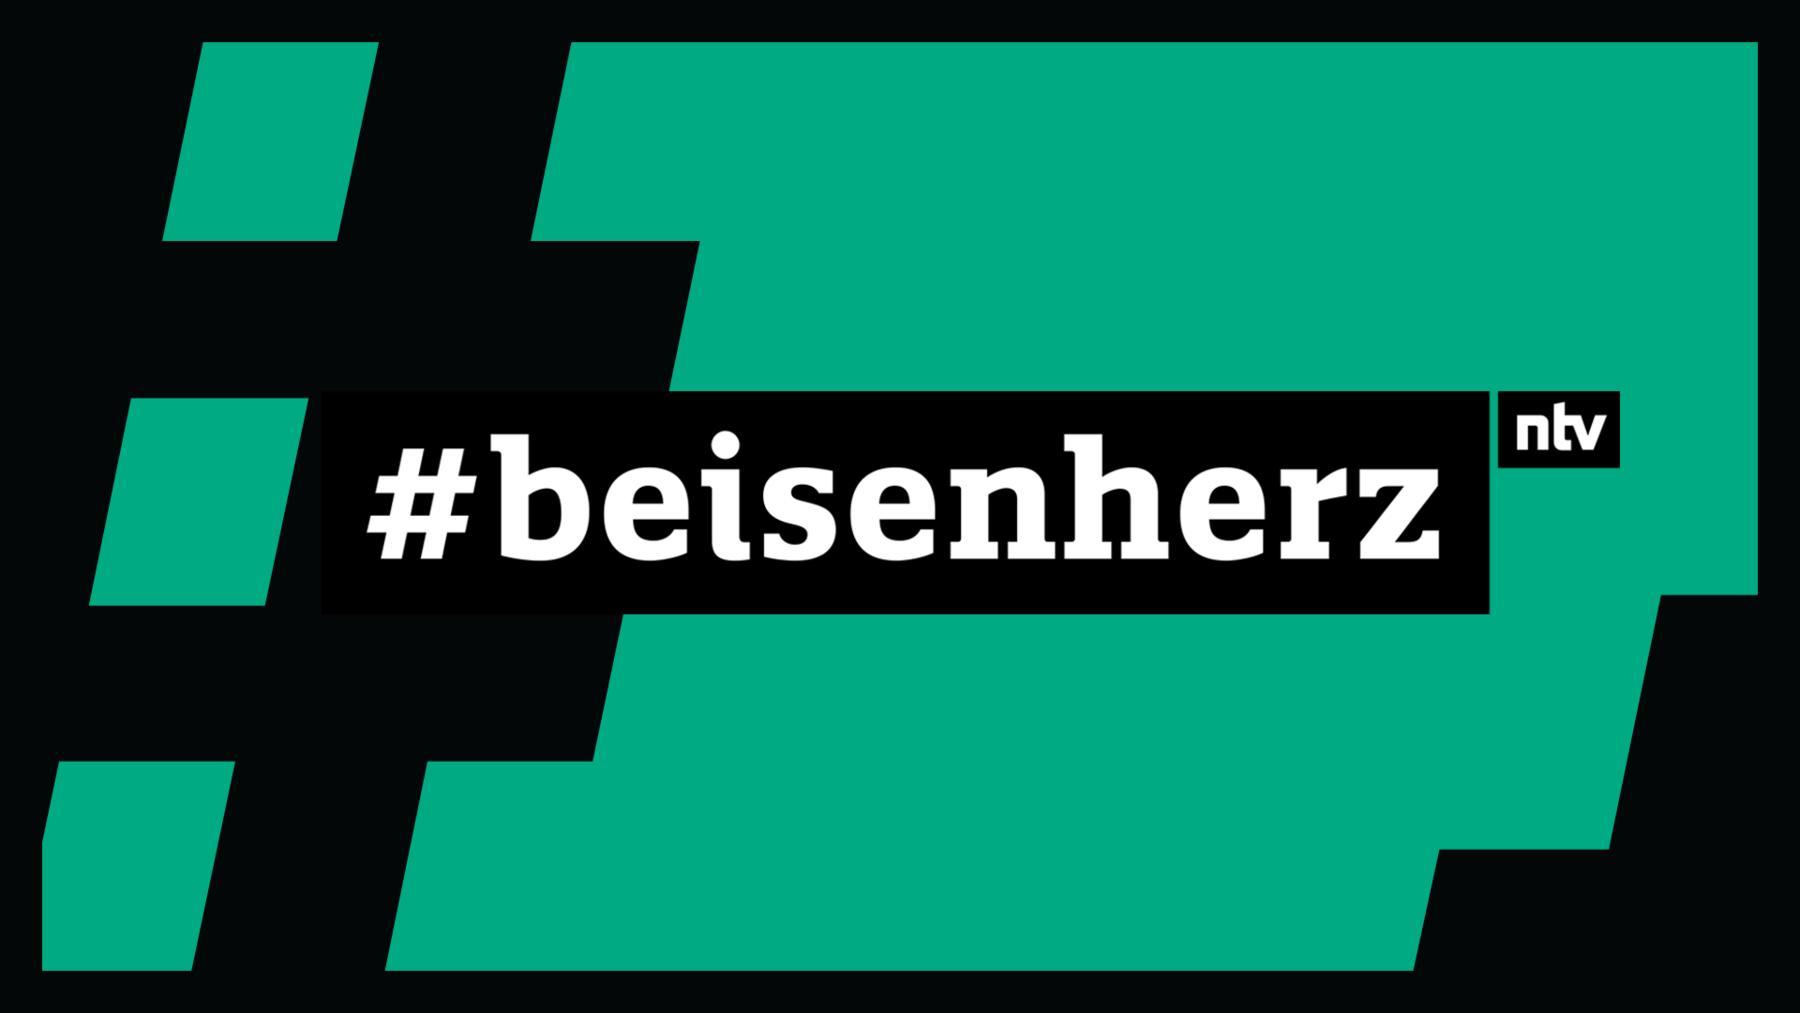 #beisenherz